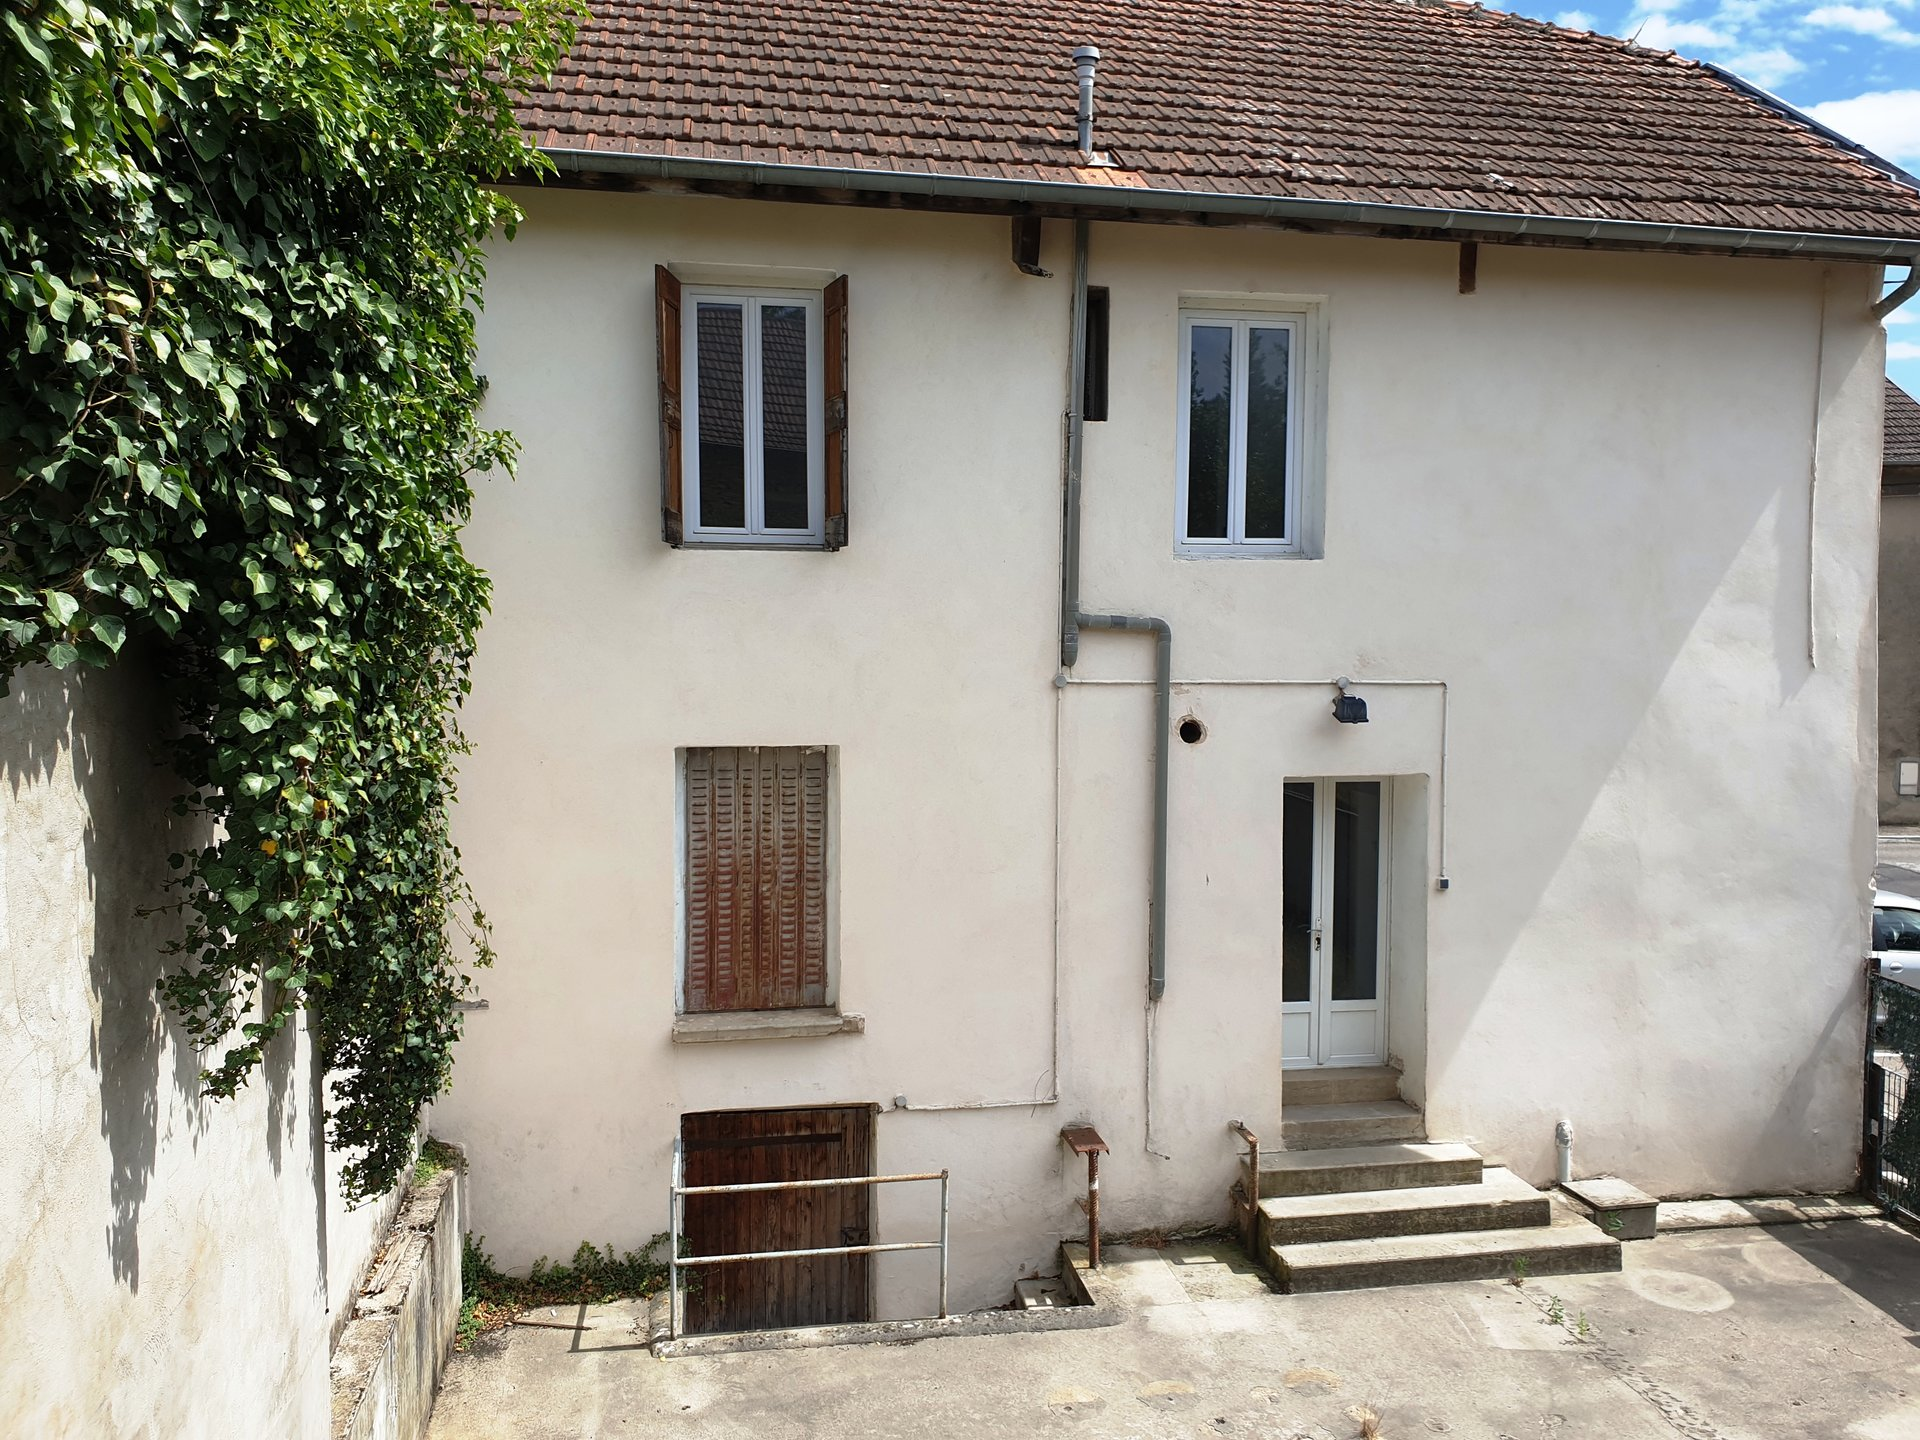 Maison de village 6 pièces 100m².